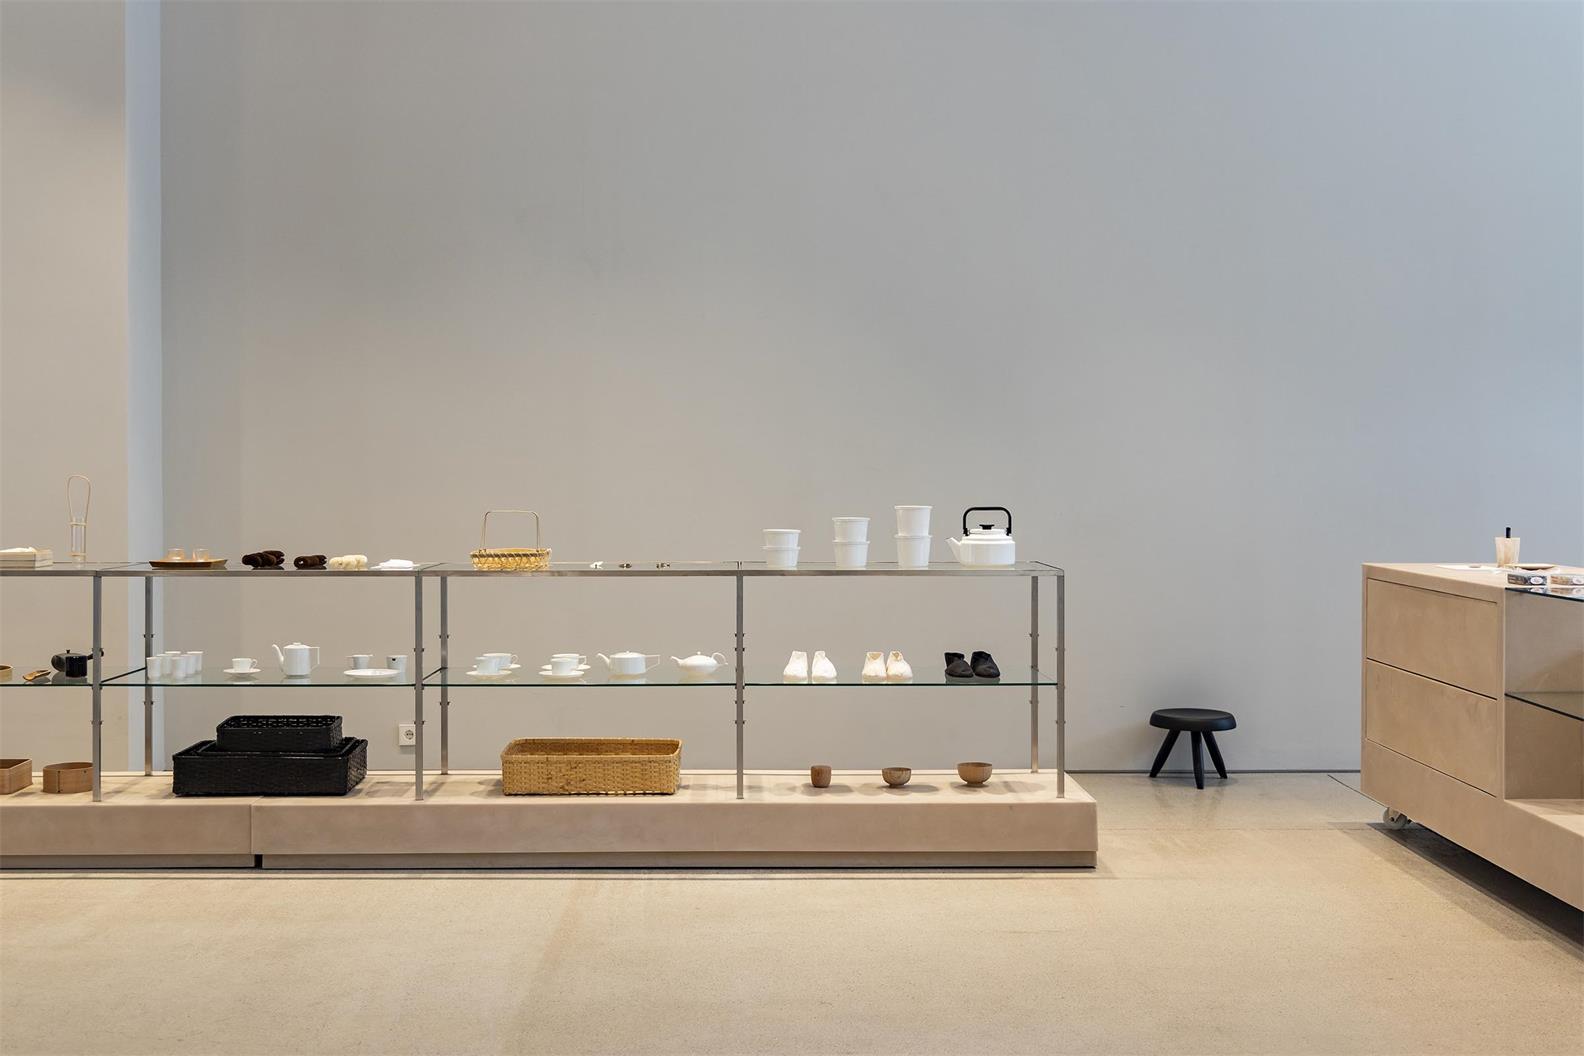 服装店设计,服装工作室设计,精品店设计,店面设计,零售空间设计,旗舰店设计,商业空间设计,极简服装店设计